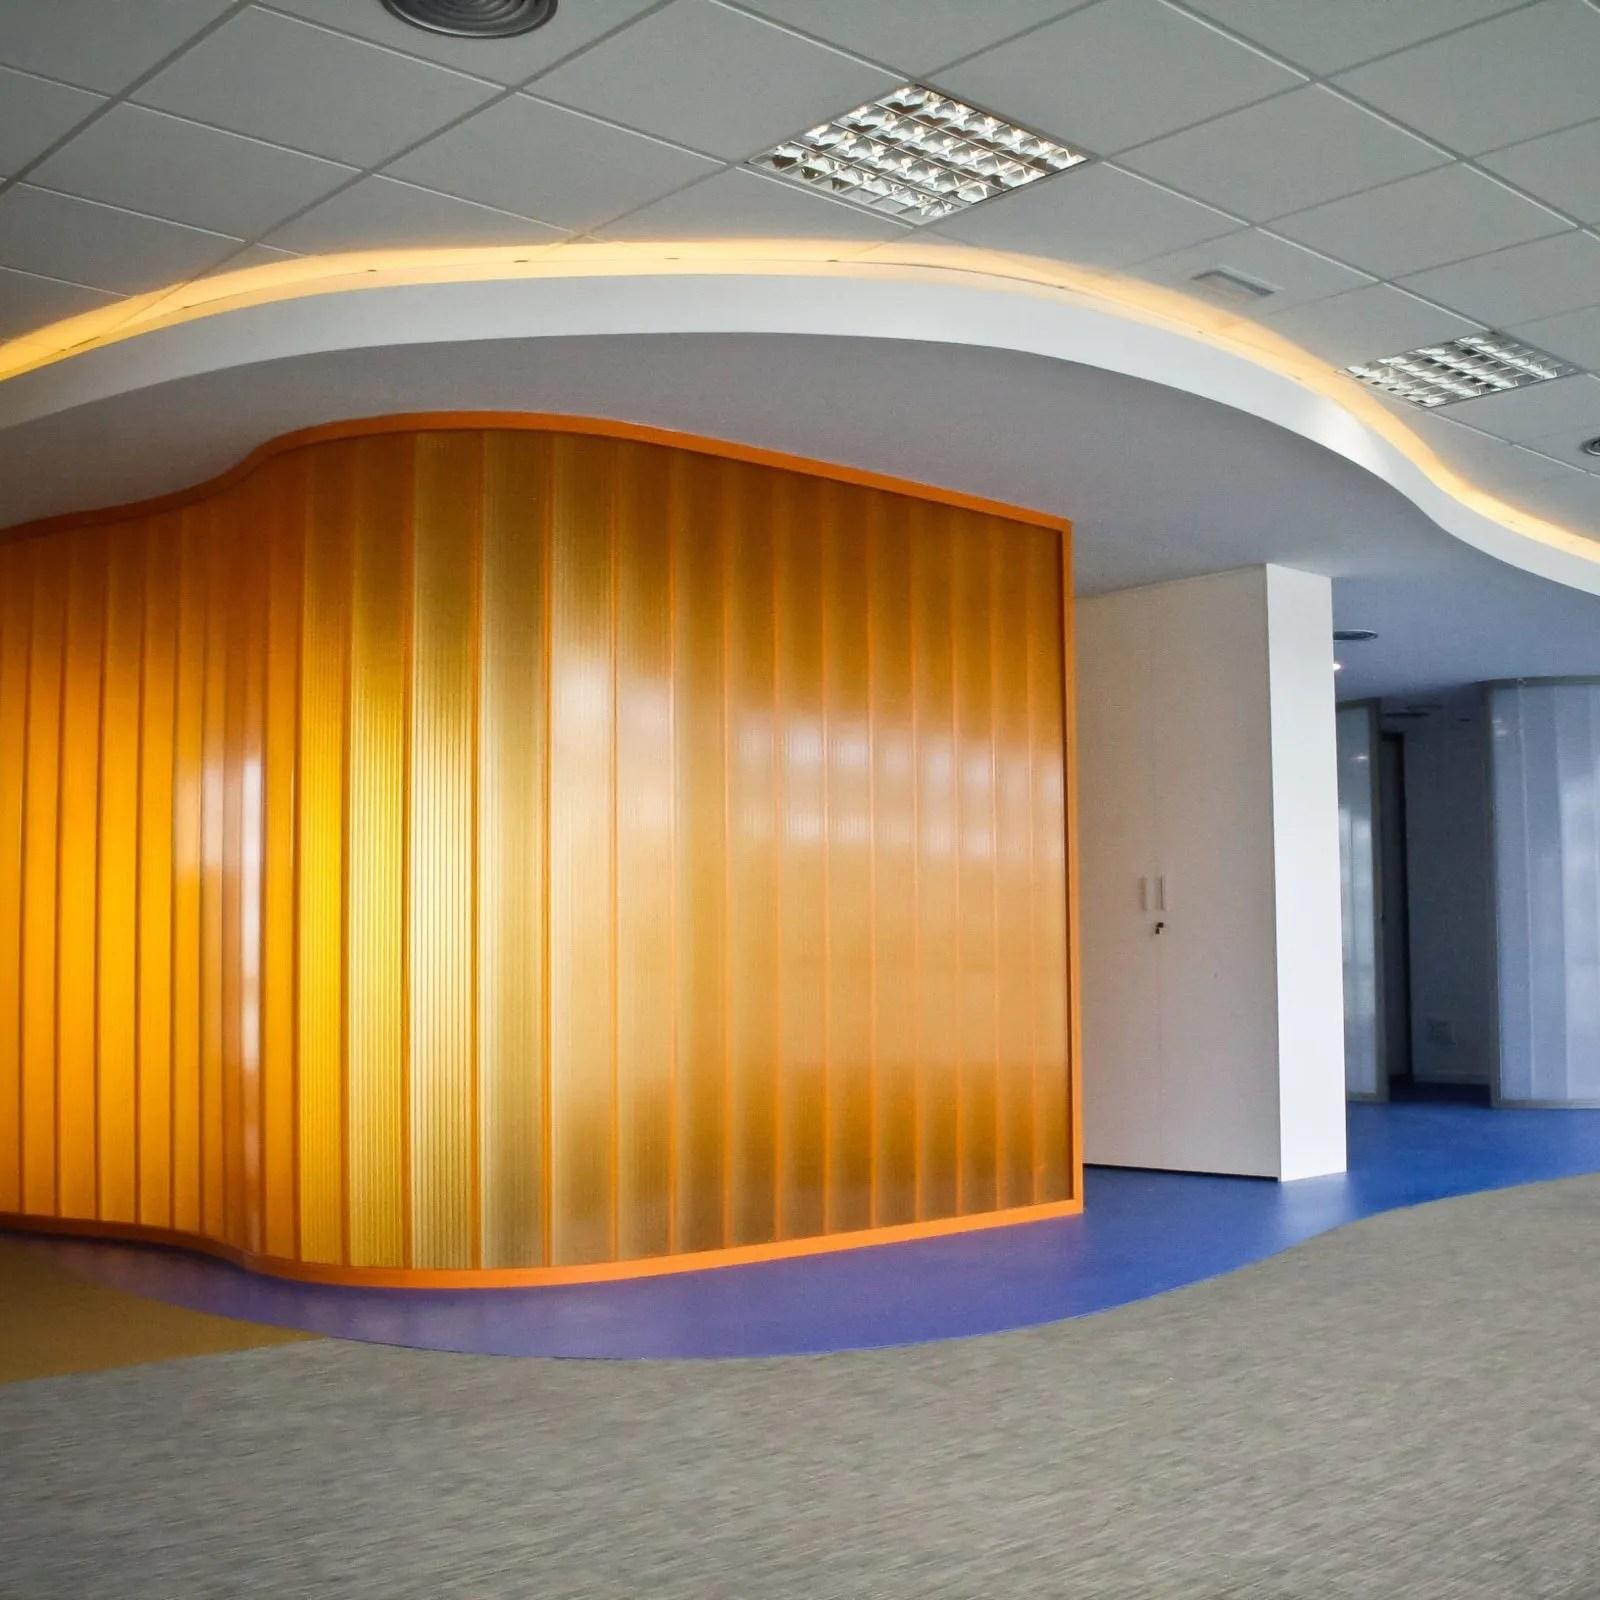 Oficinas, Diseño de oficinas, interiorismo,. ivory